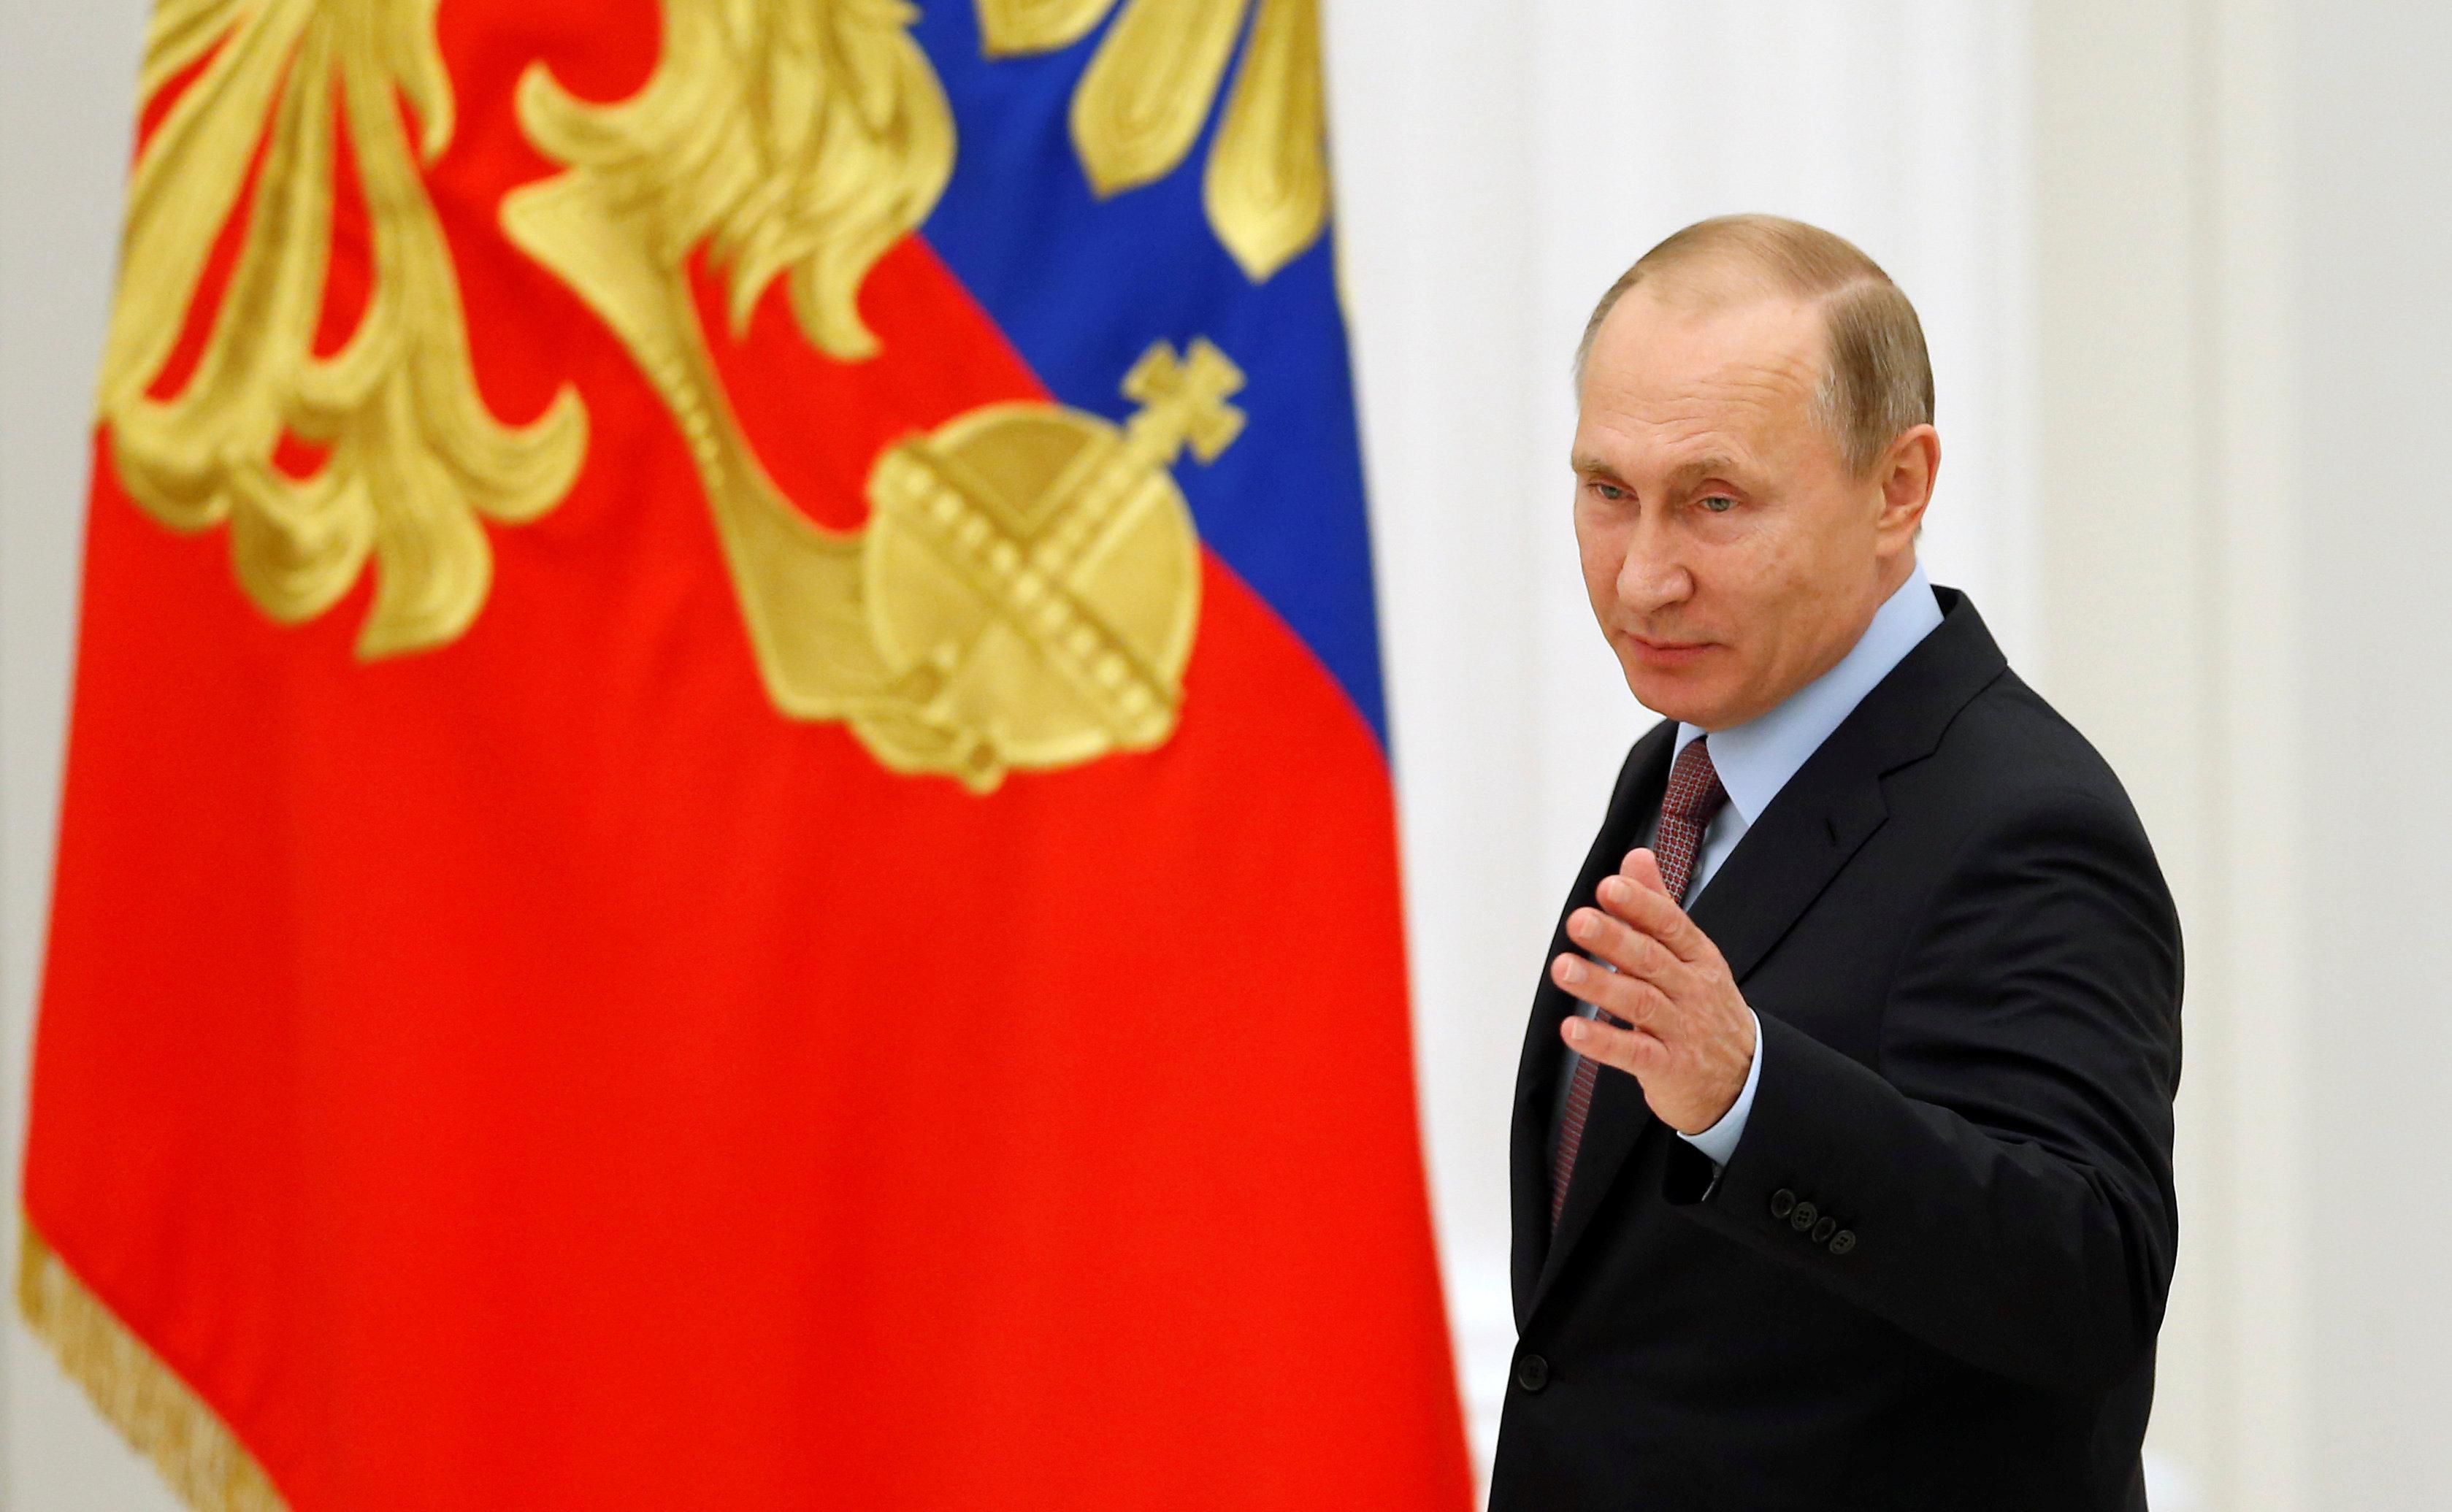 Владимир Путин выступит со своим уже тринадцатым Посланием Федеральному собранию.